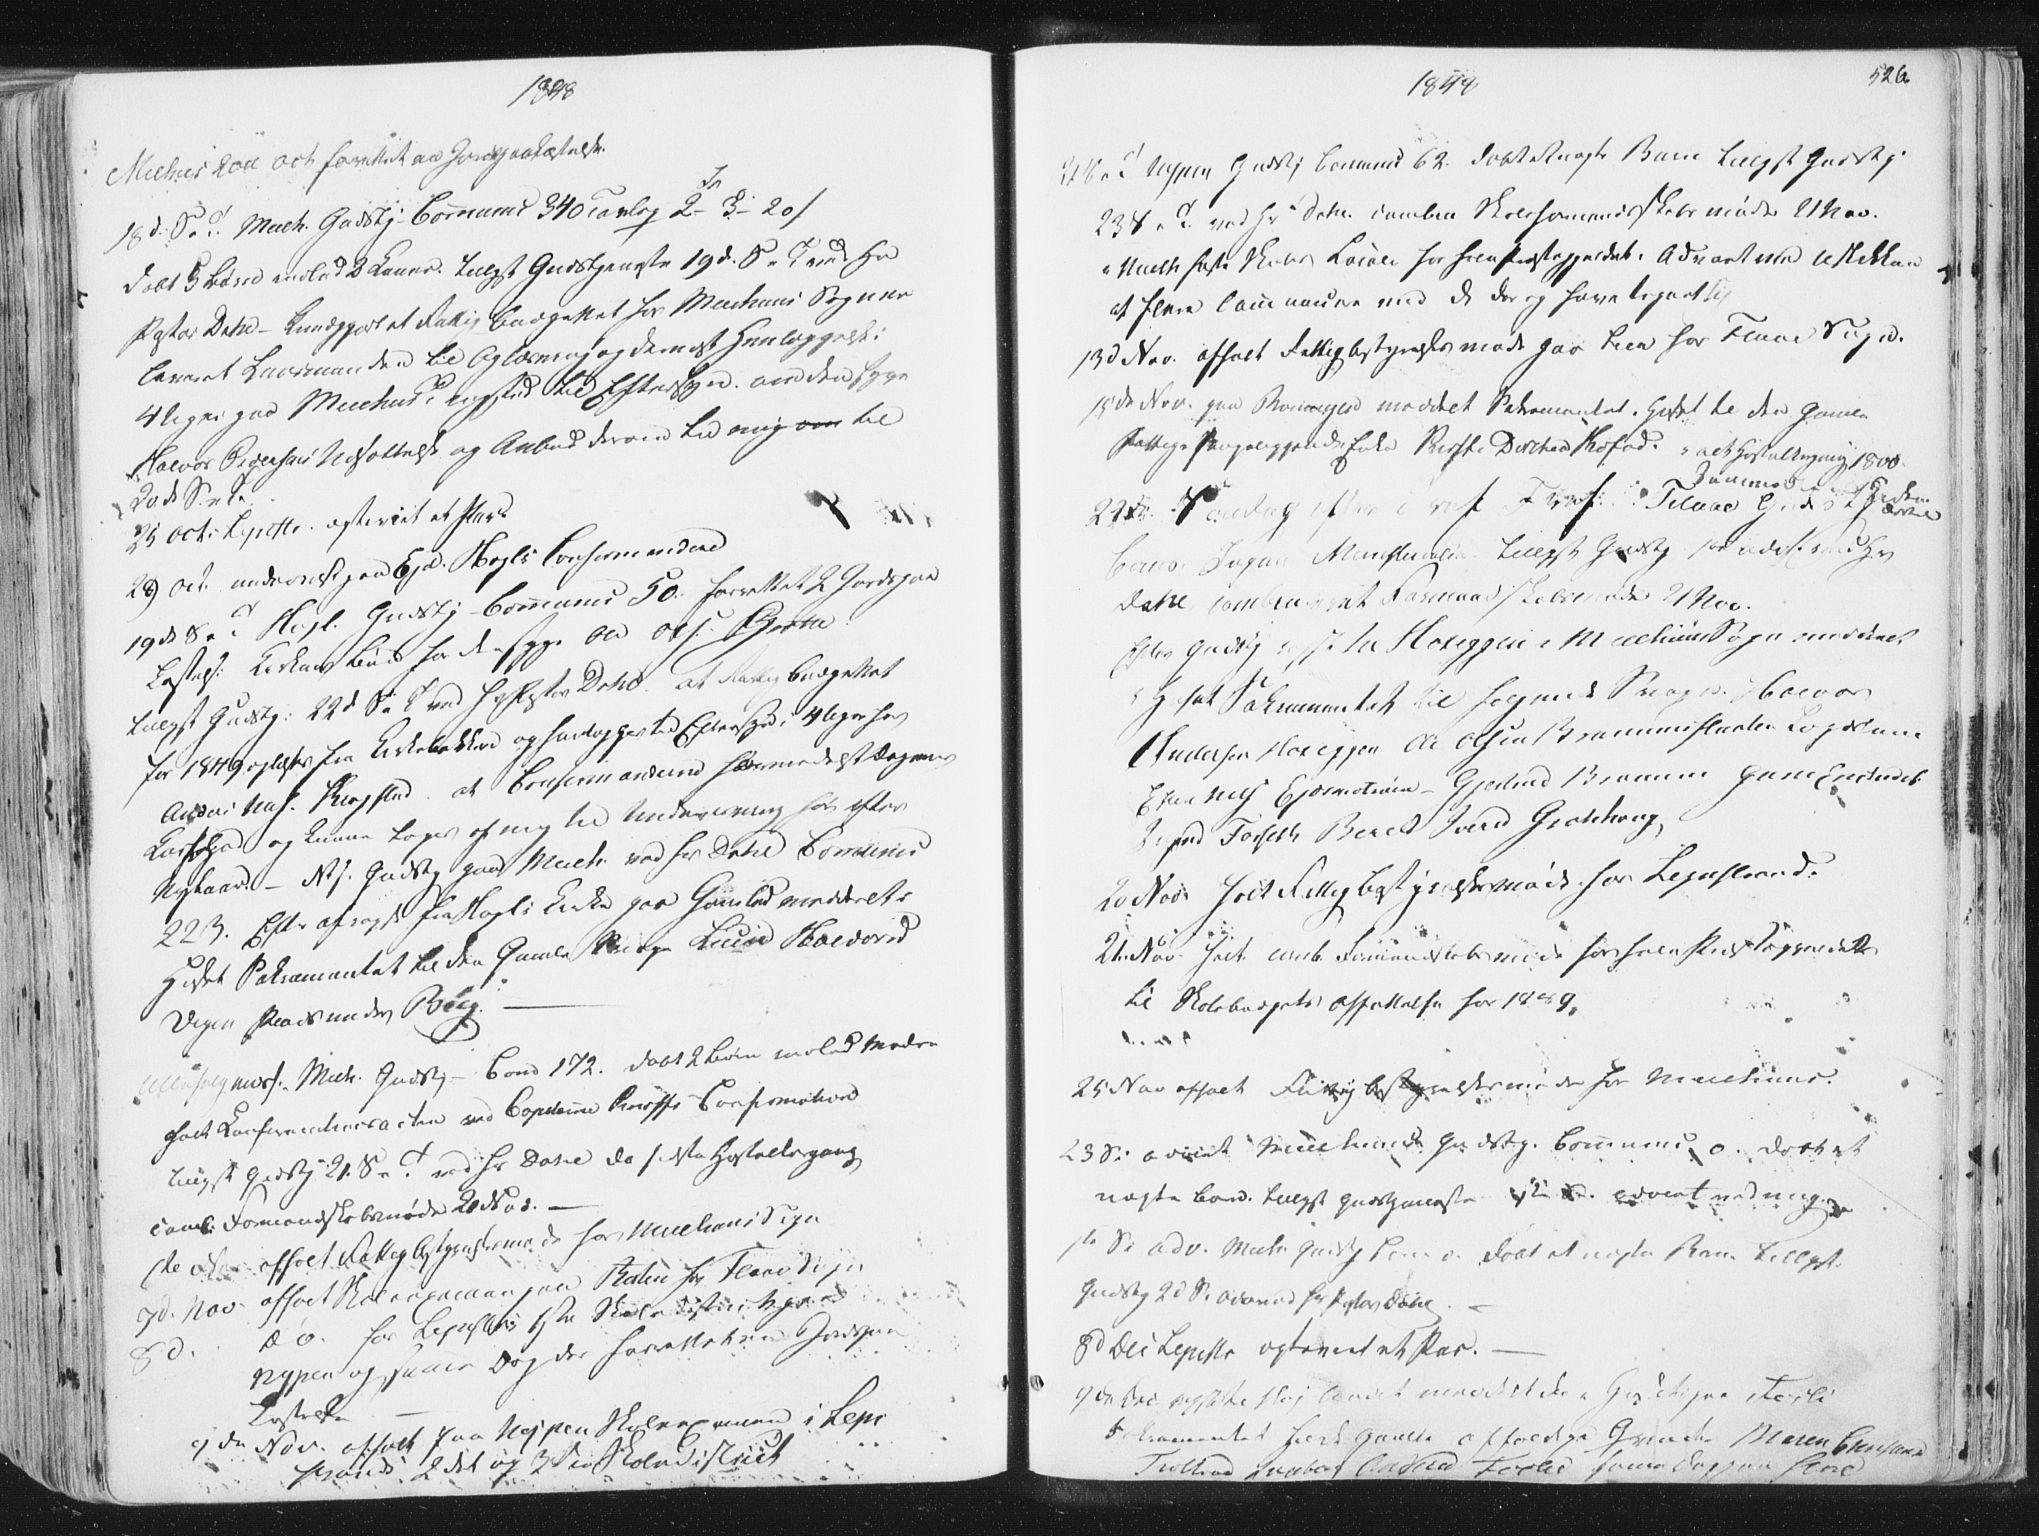 SAT, Ministerialprotokoller, klokkerbøker og fødselsregistre - Sør-Trøndelag, 691/L1074: Ministerialbok nr. 691A06, 1842-1852, s. 526